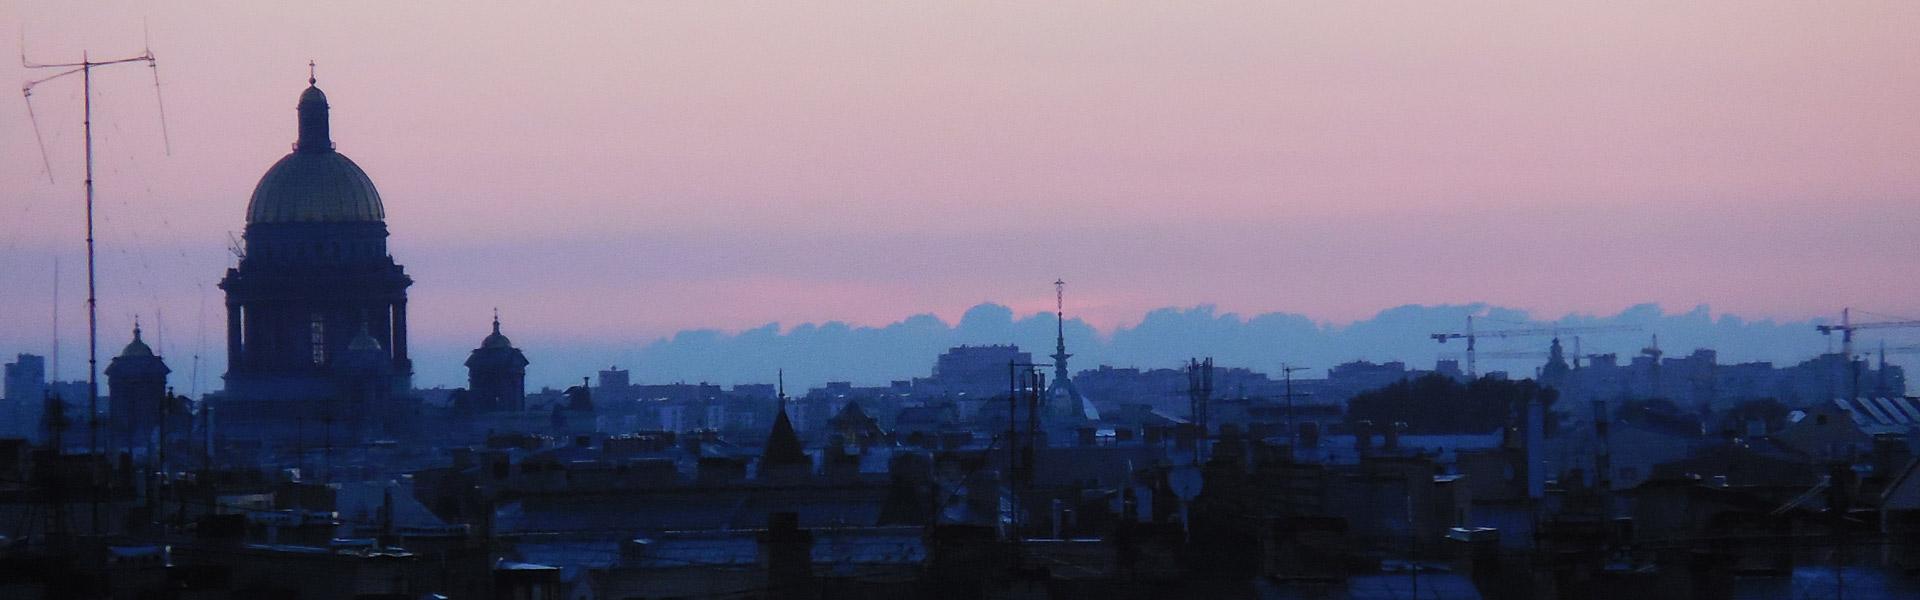 Санкт-Петербург — музыкальный город